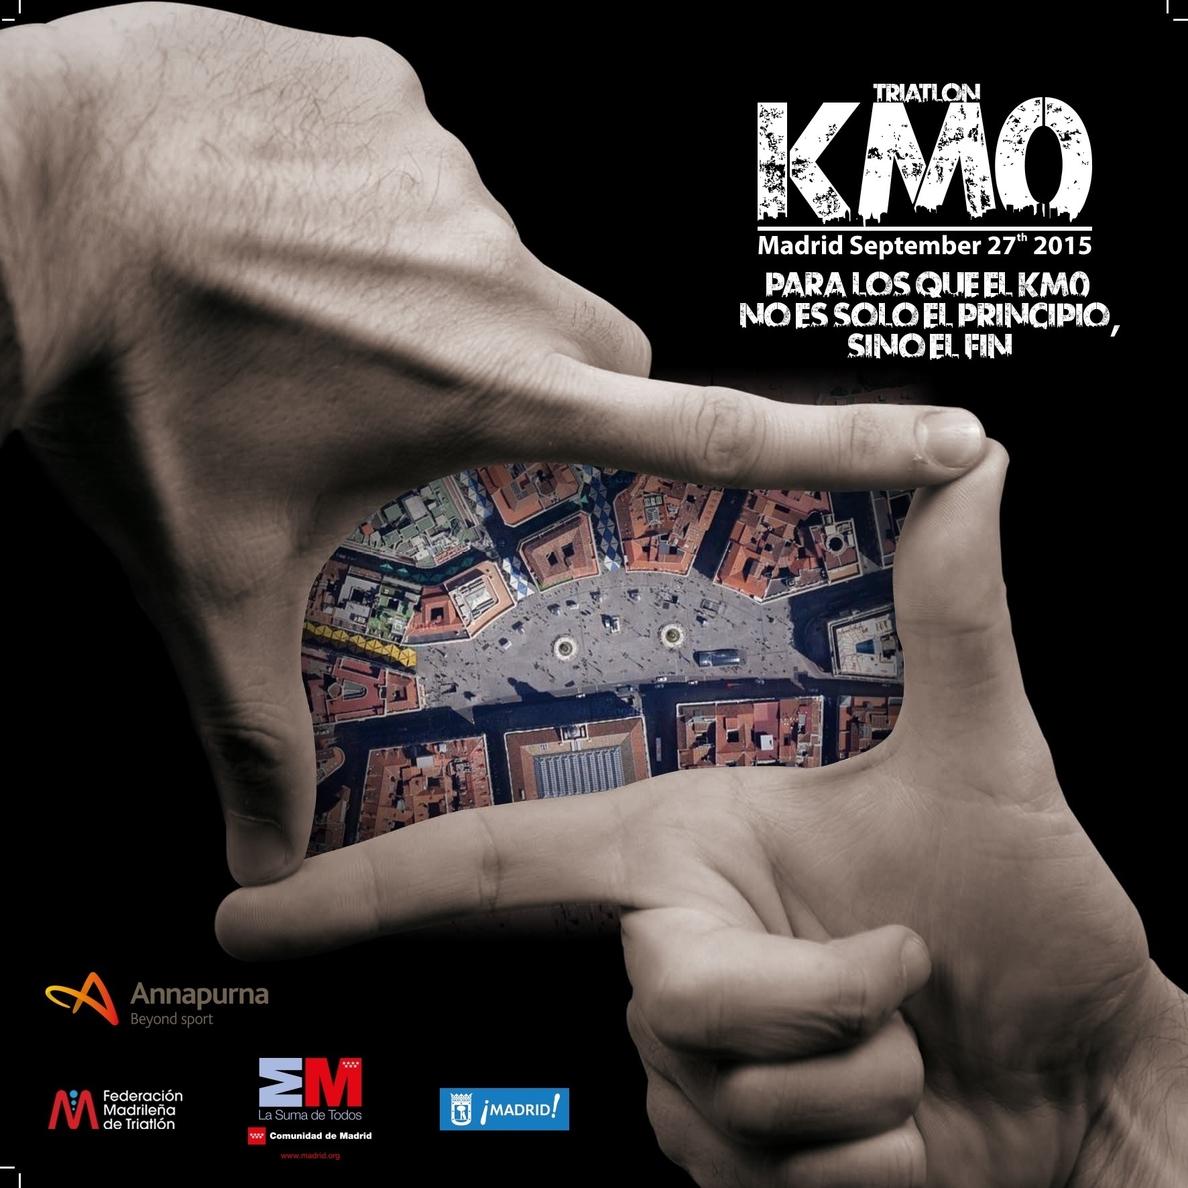 El II Triatlón Madrid KM0 se disputará el 25 de septiembre de 2016